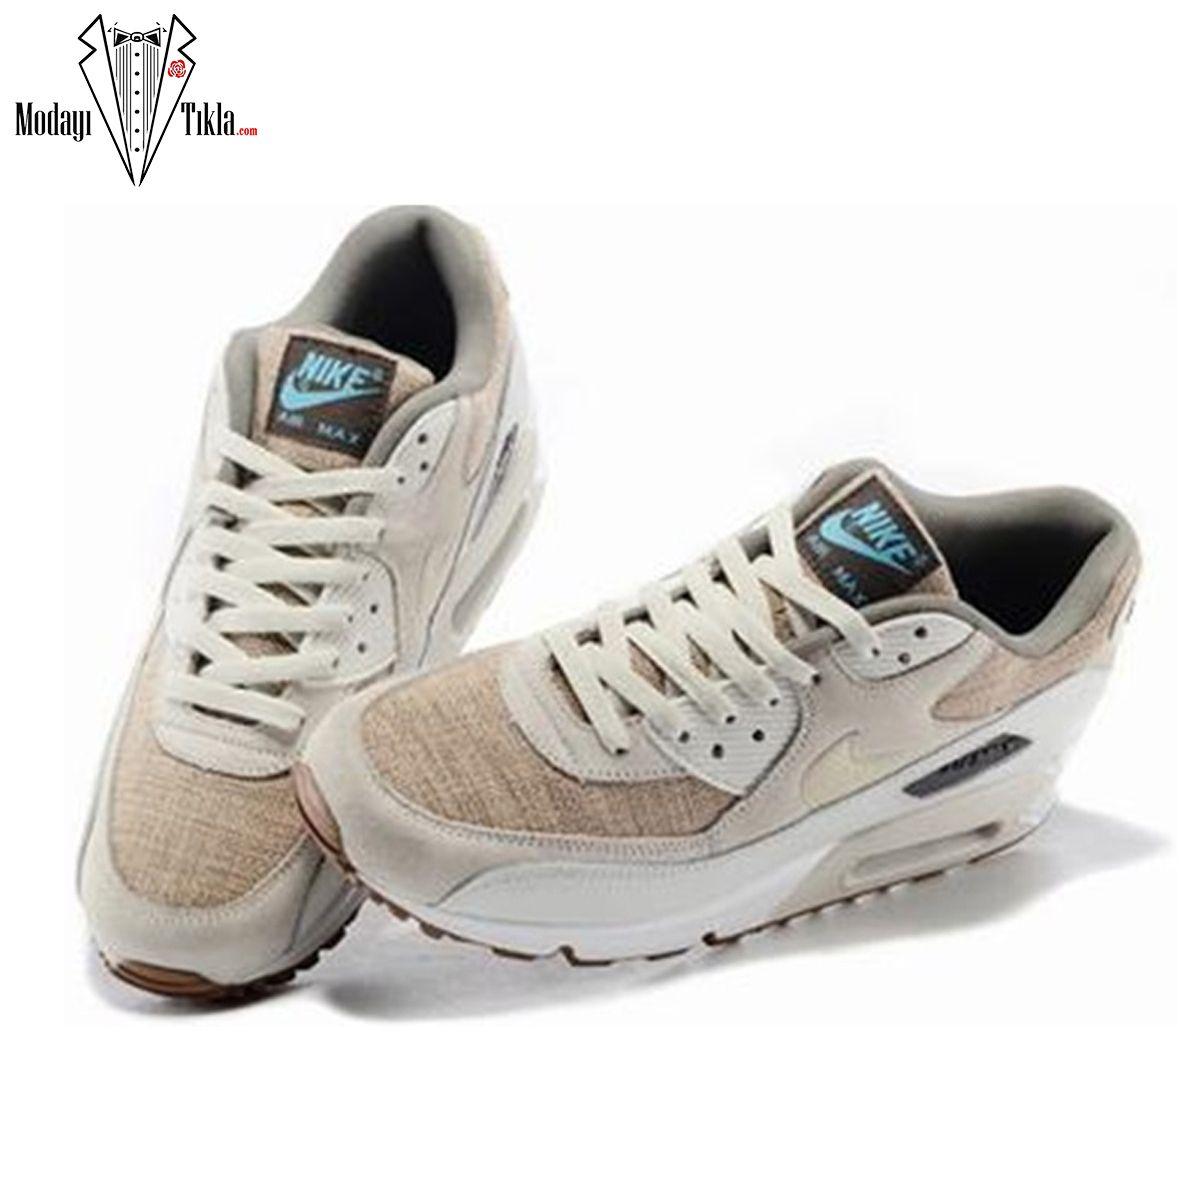 extraño testimonio subtítulo  Nike Air Max 90 Crepe (Hemp Pack) | Nike air max, Nike air max 90, Nike air